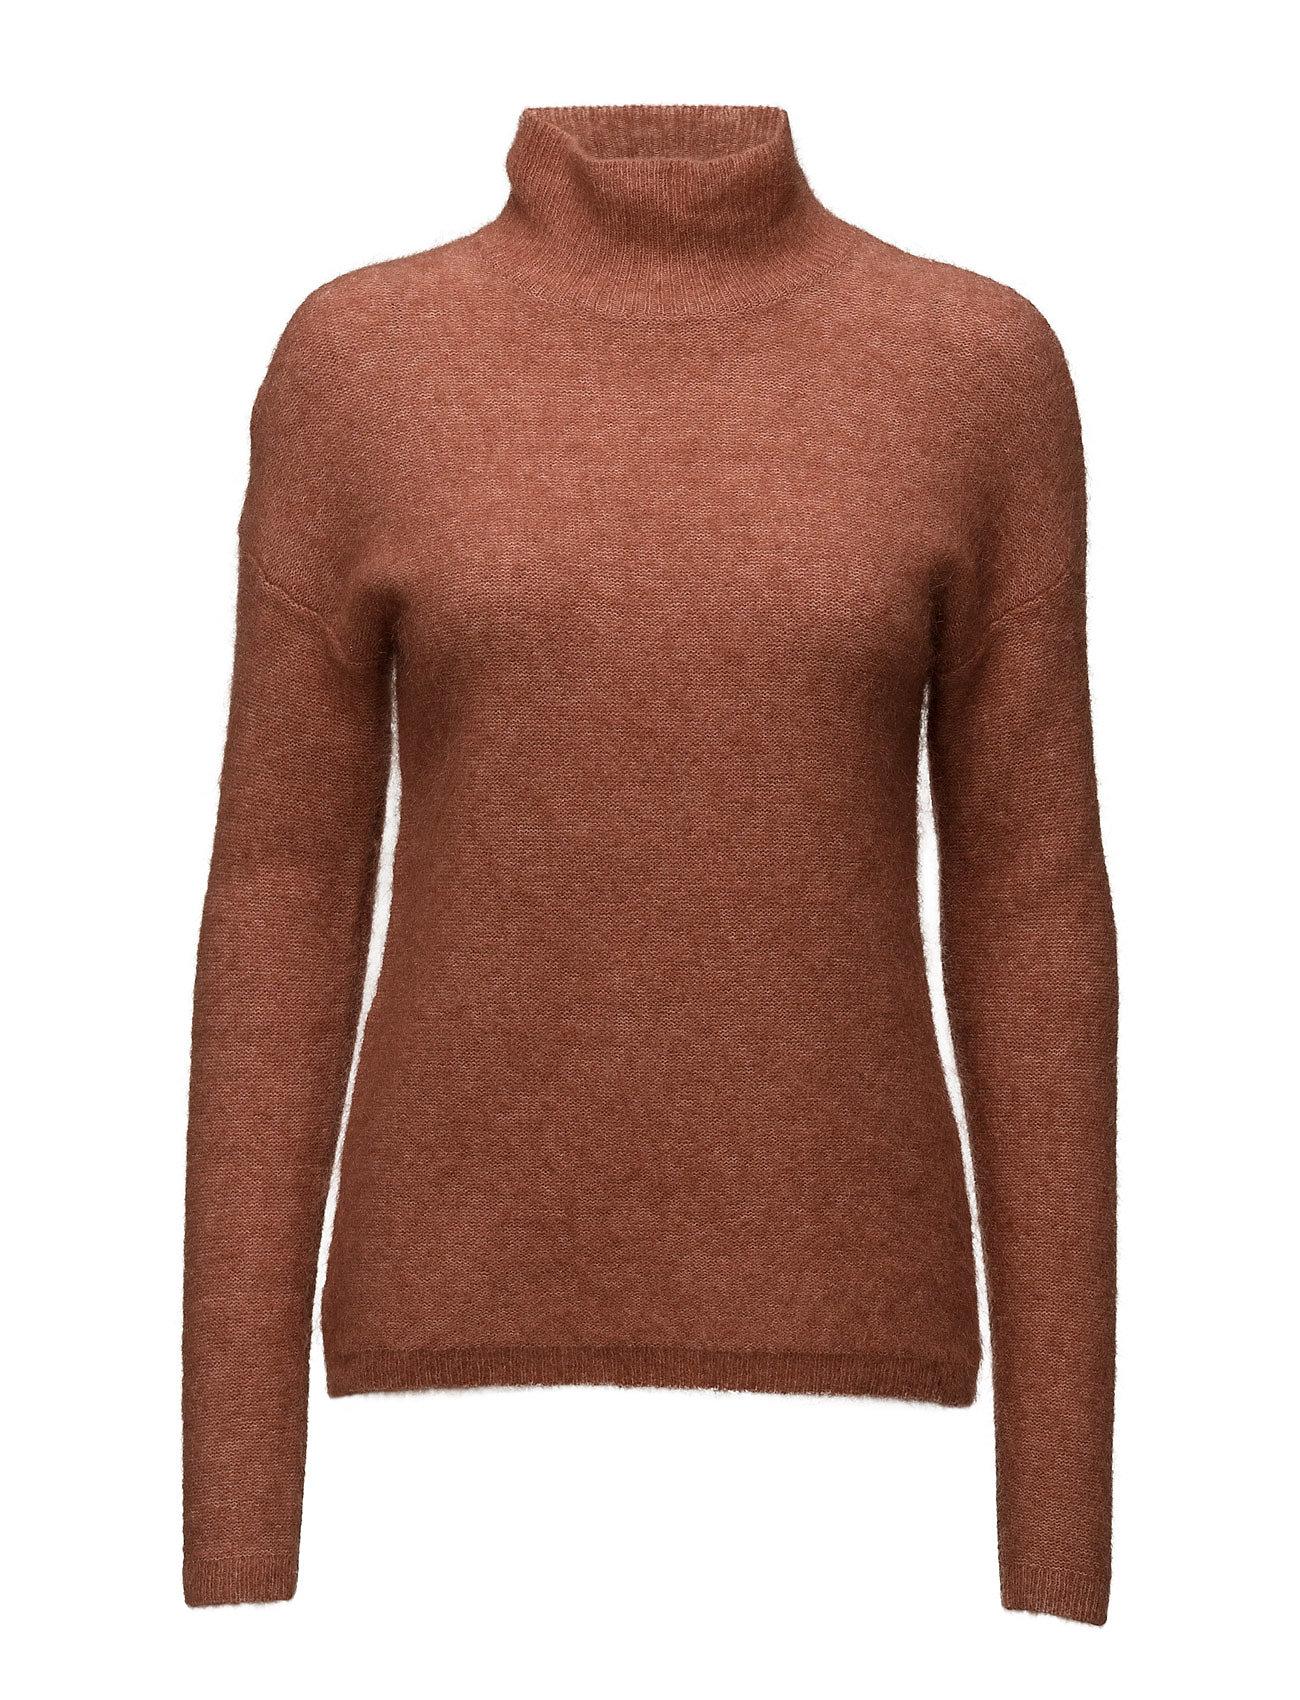 452b1675af3a Bestil Brook Knit Turtle Neck Second Female Højhalsede i Brændt Camel til  Damer i en online fashion store